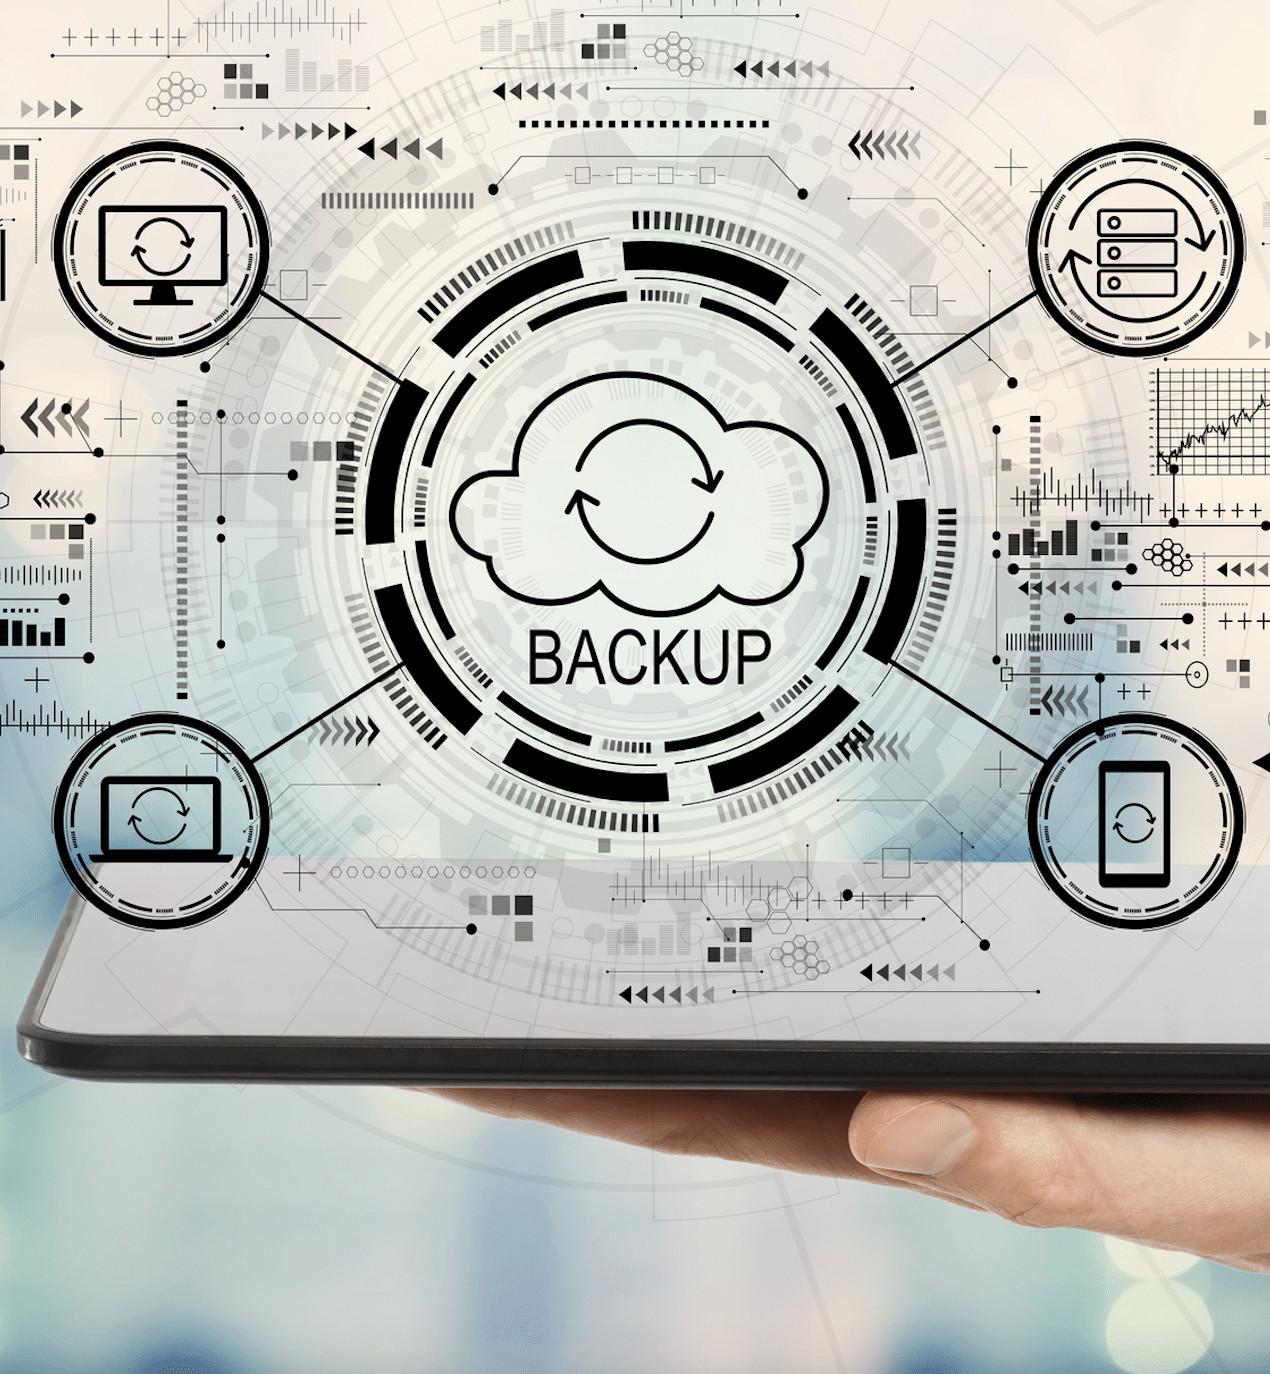 Data Backup Services In Dallas